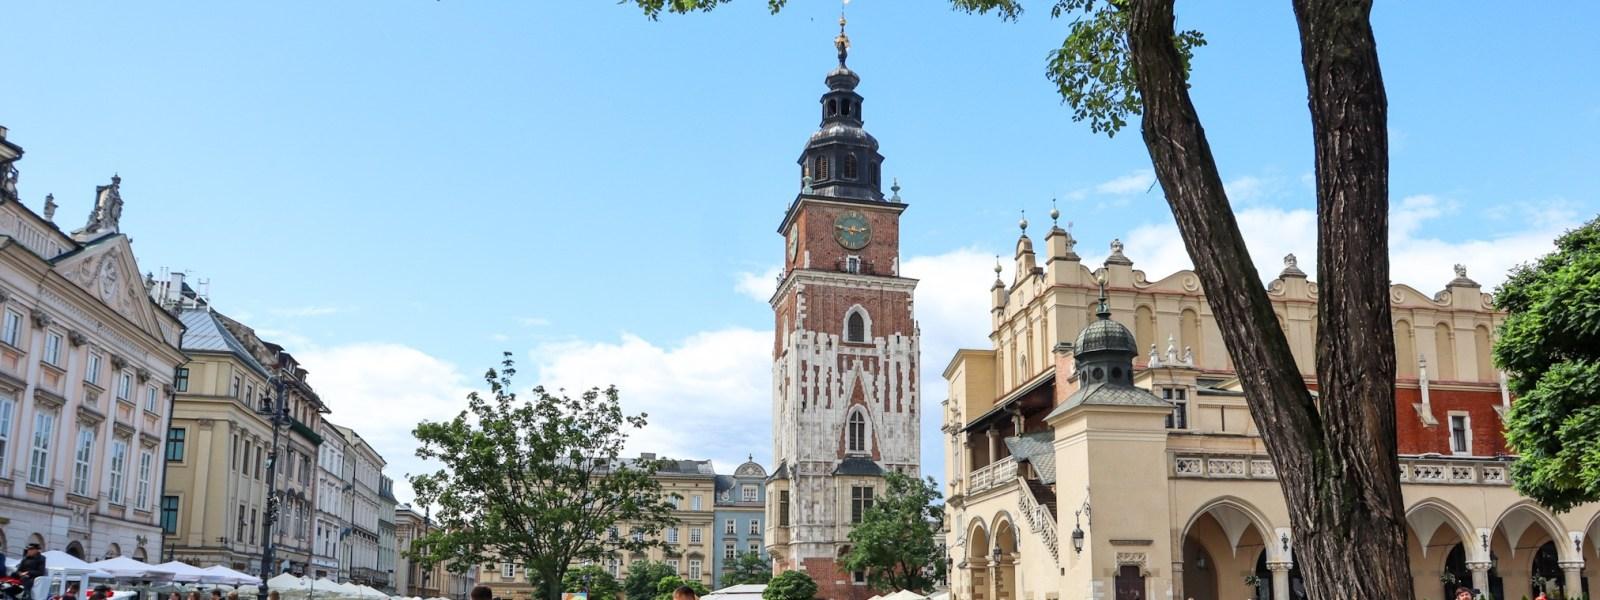 Bezoek de Grote Markt van Krakau